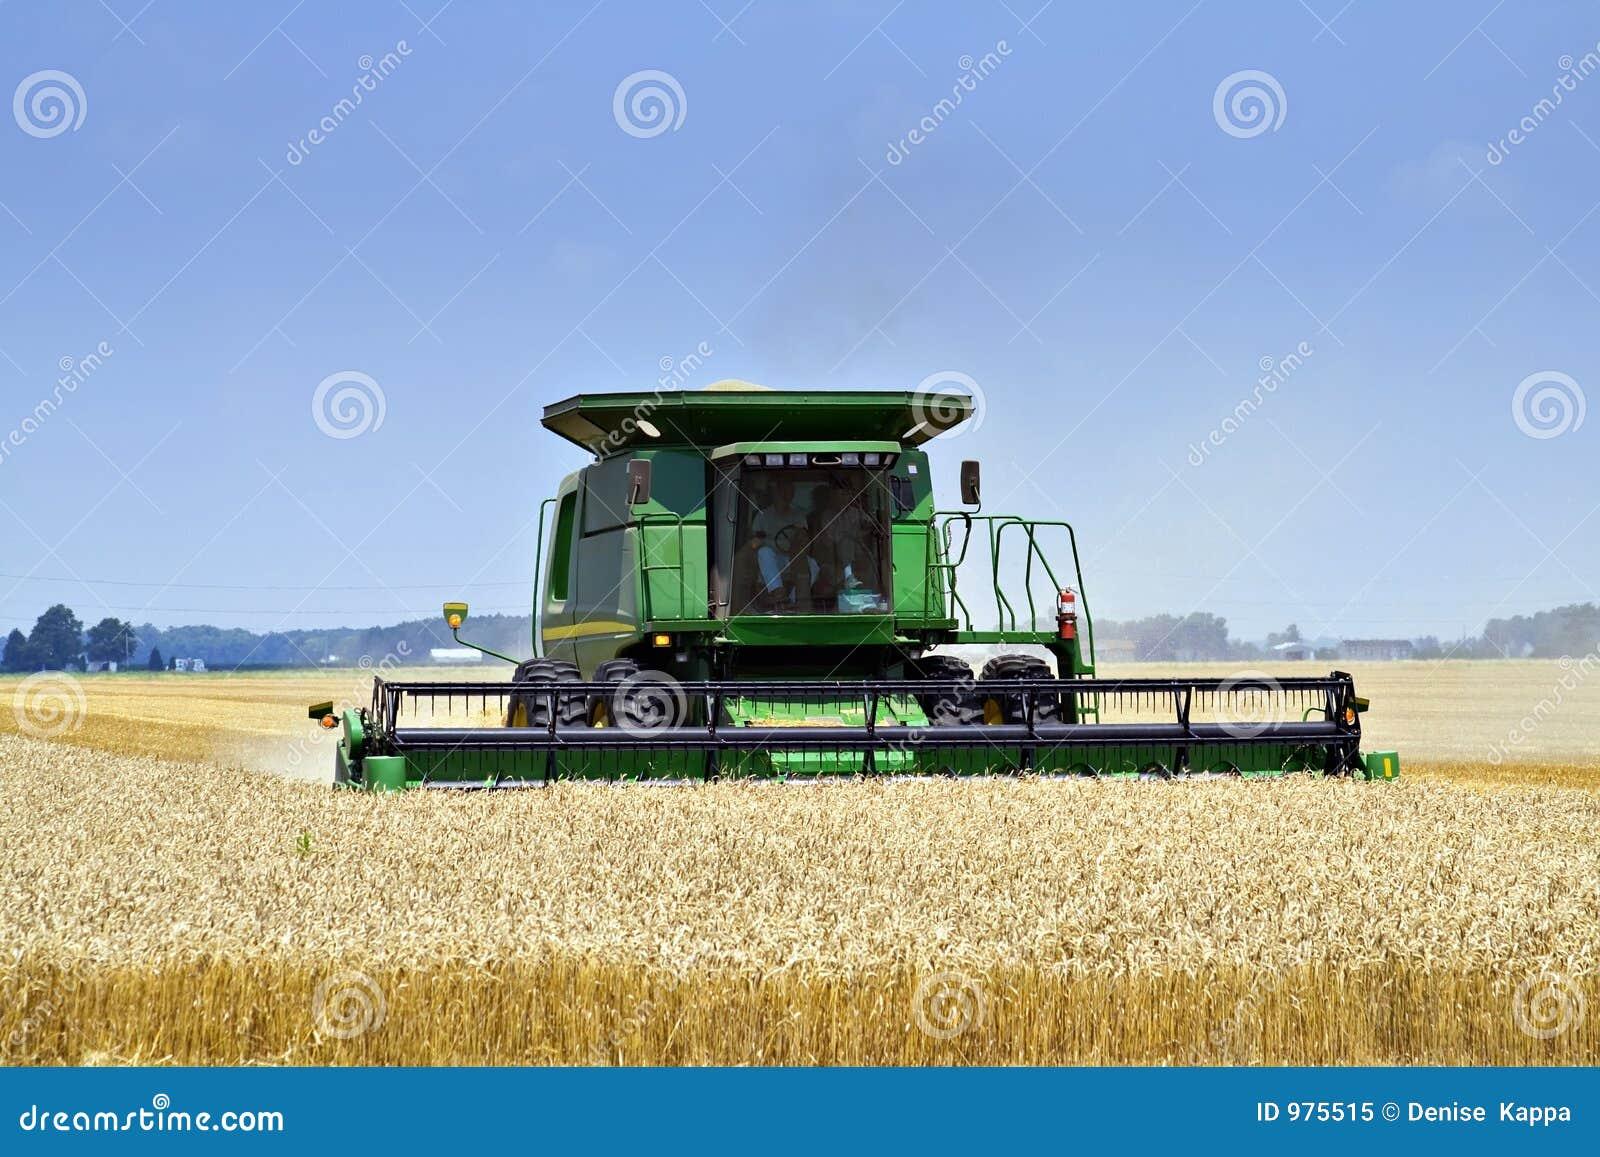 Harvesting Wheat-Toledo